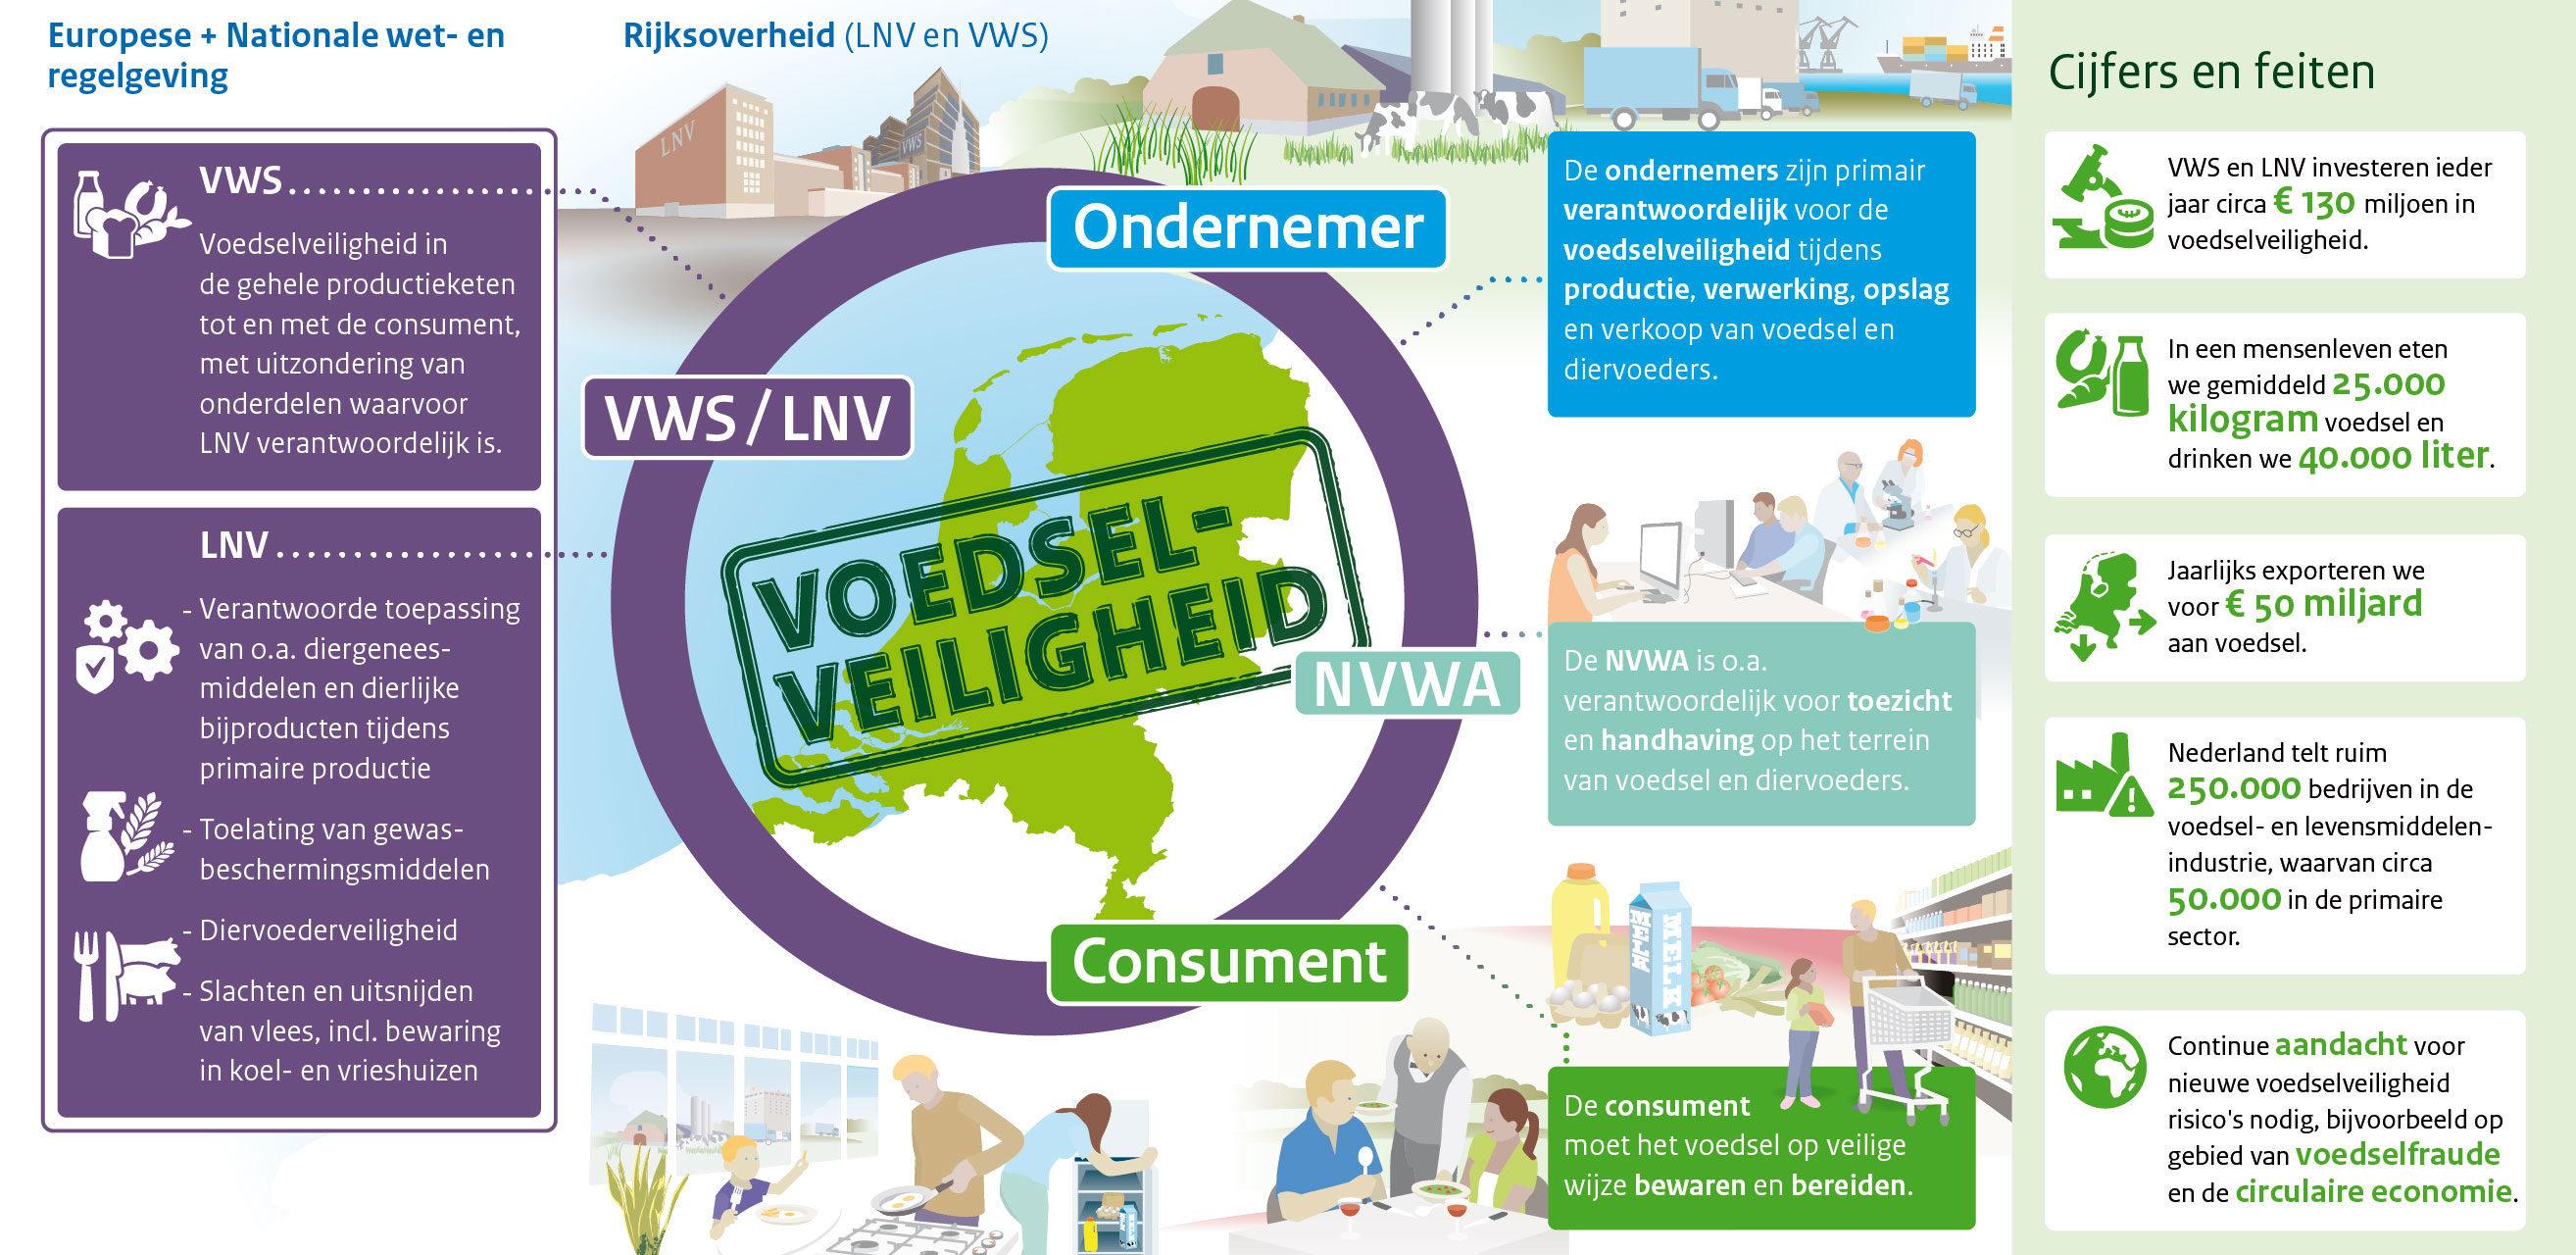 Voedselveiligheid in Nederland